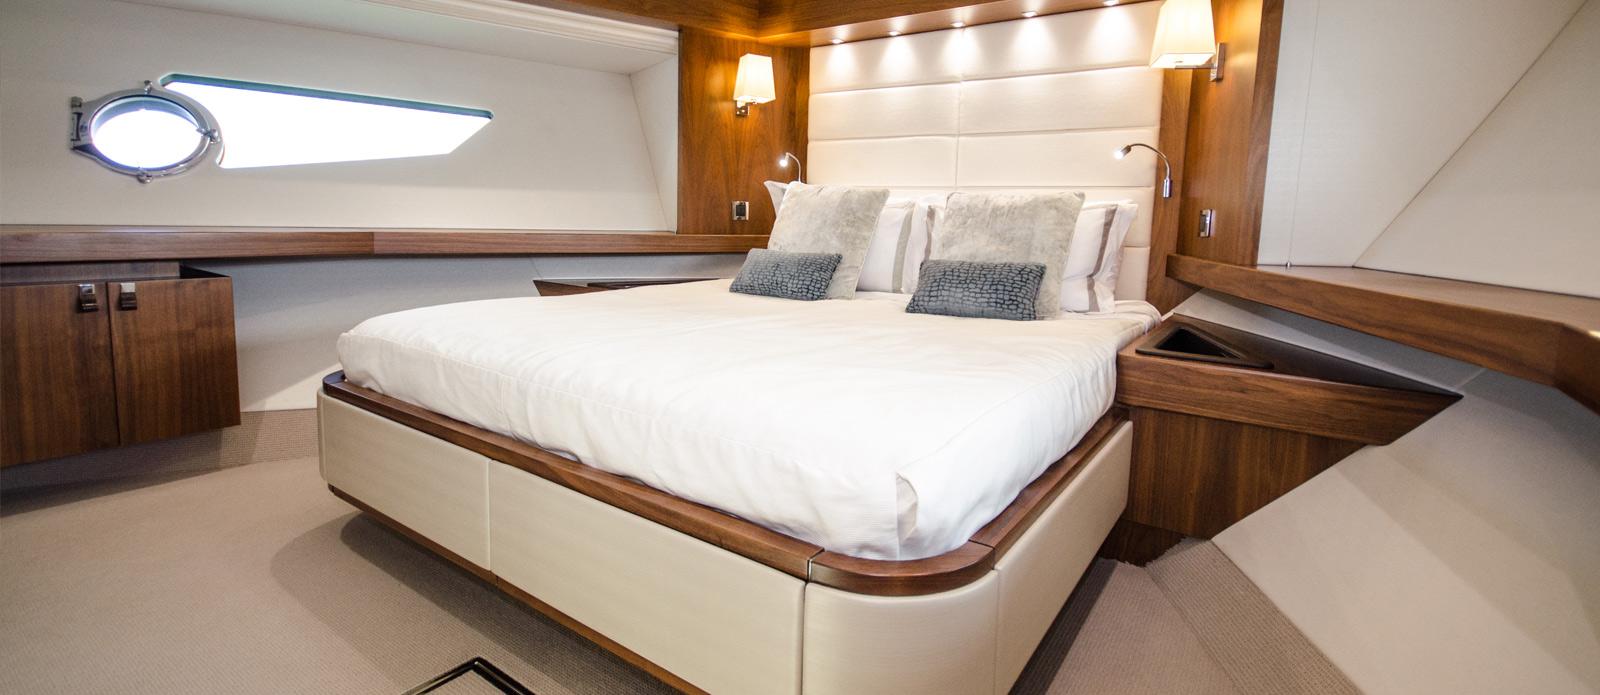 Sunseeker 86 Yacht - VIP-Cabin